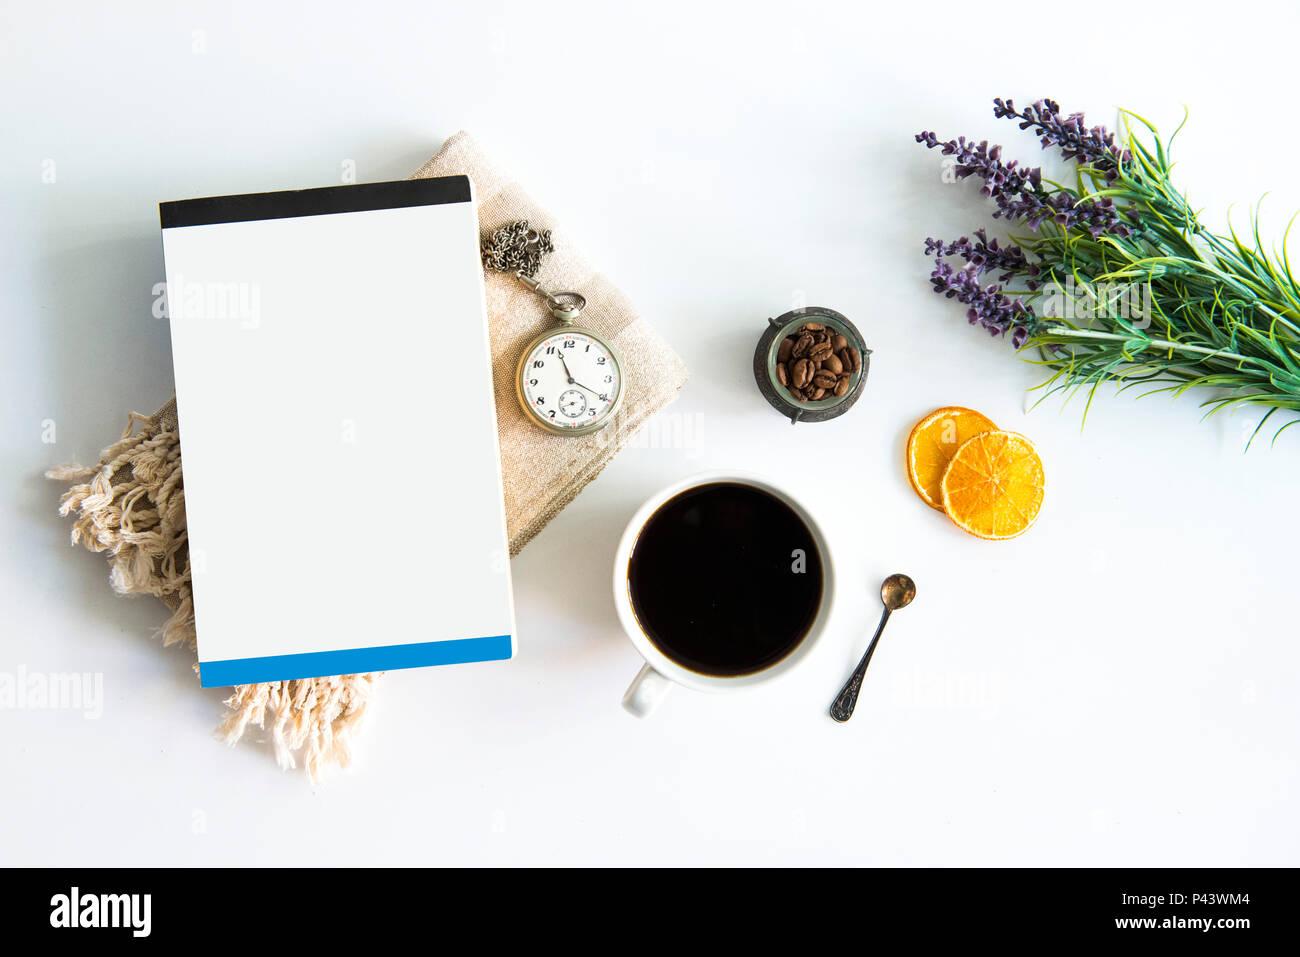 Tasse à café et livre sur table avec des oranges séchées et ancienne montre de poche feuille verte. Le café et le livre sur le tableau blanc avec les grains de café. Coffee Time Photo Stock